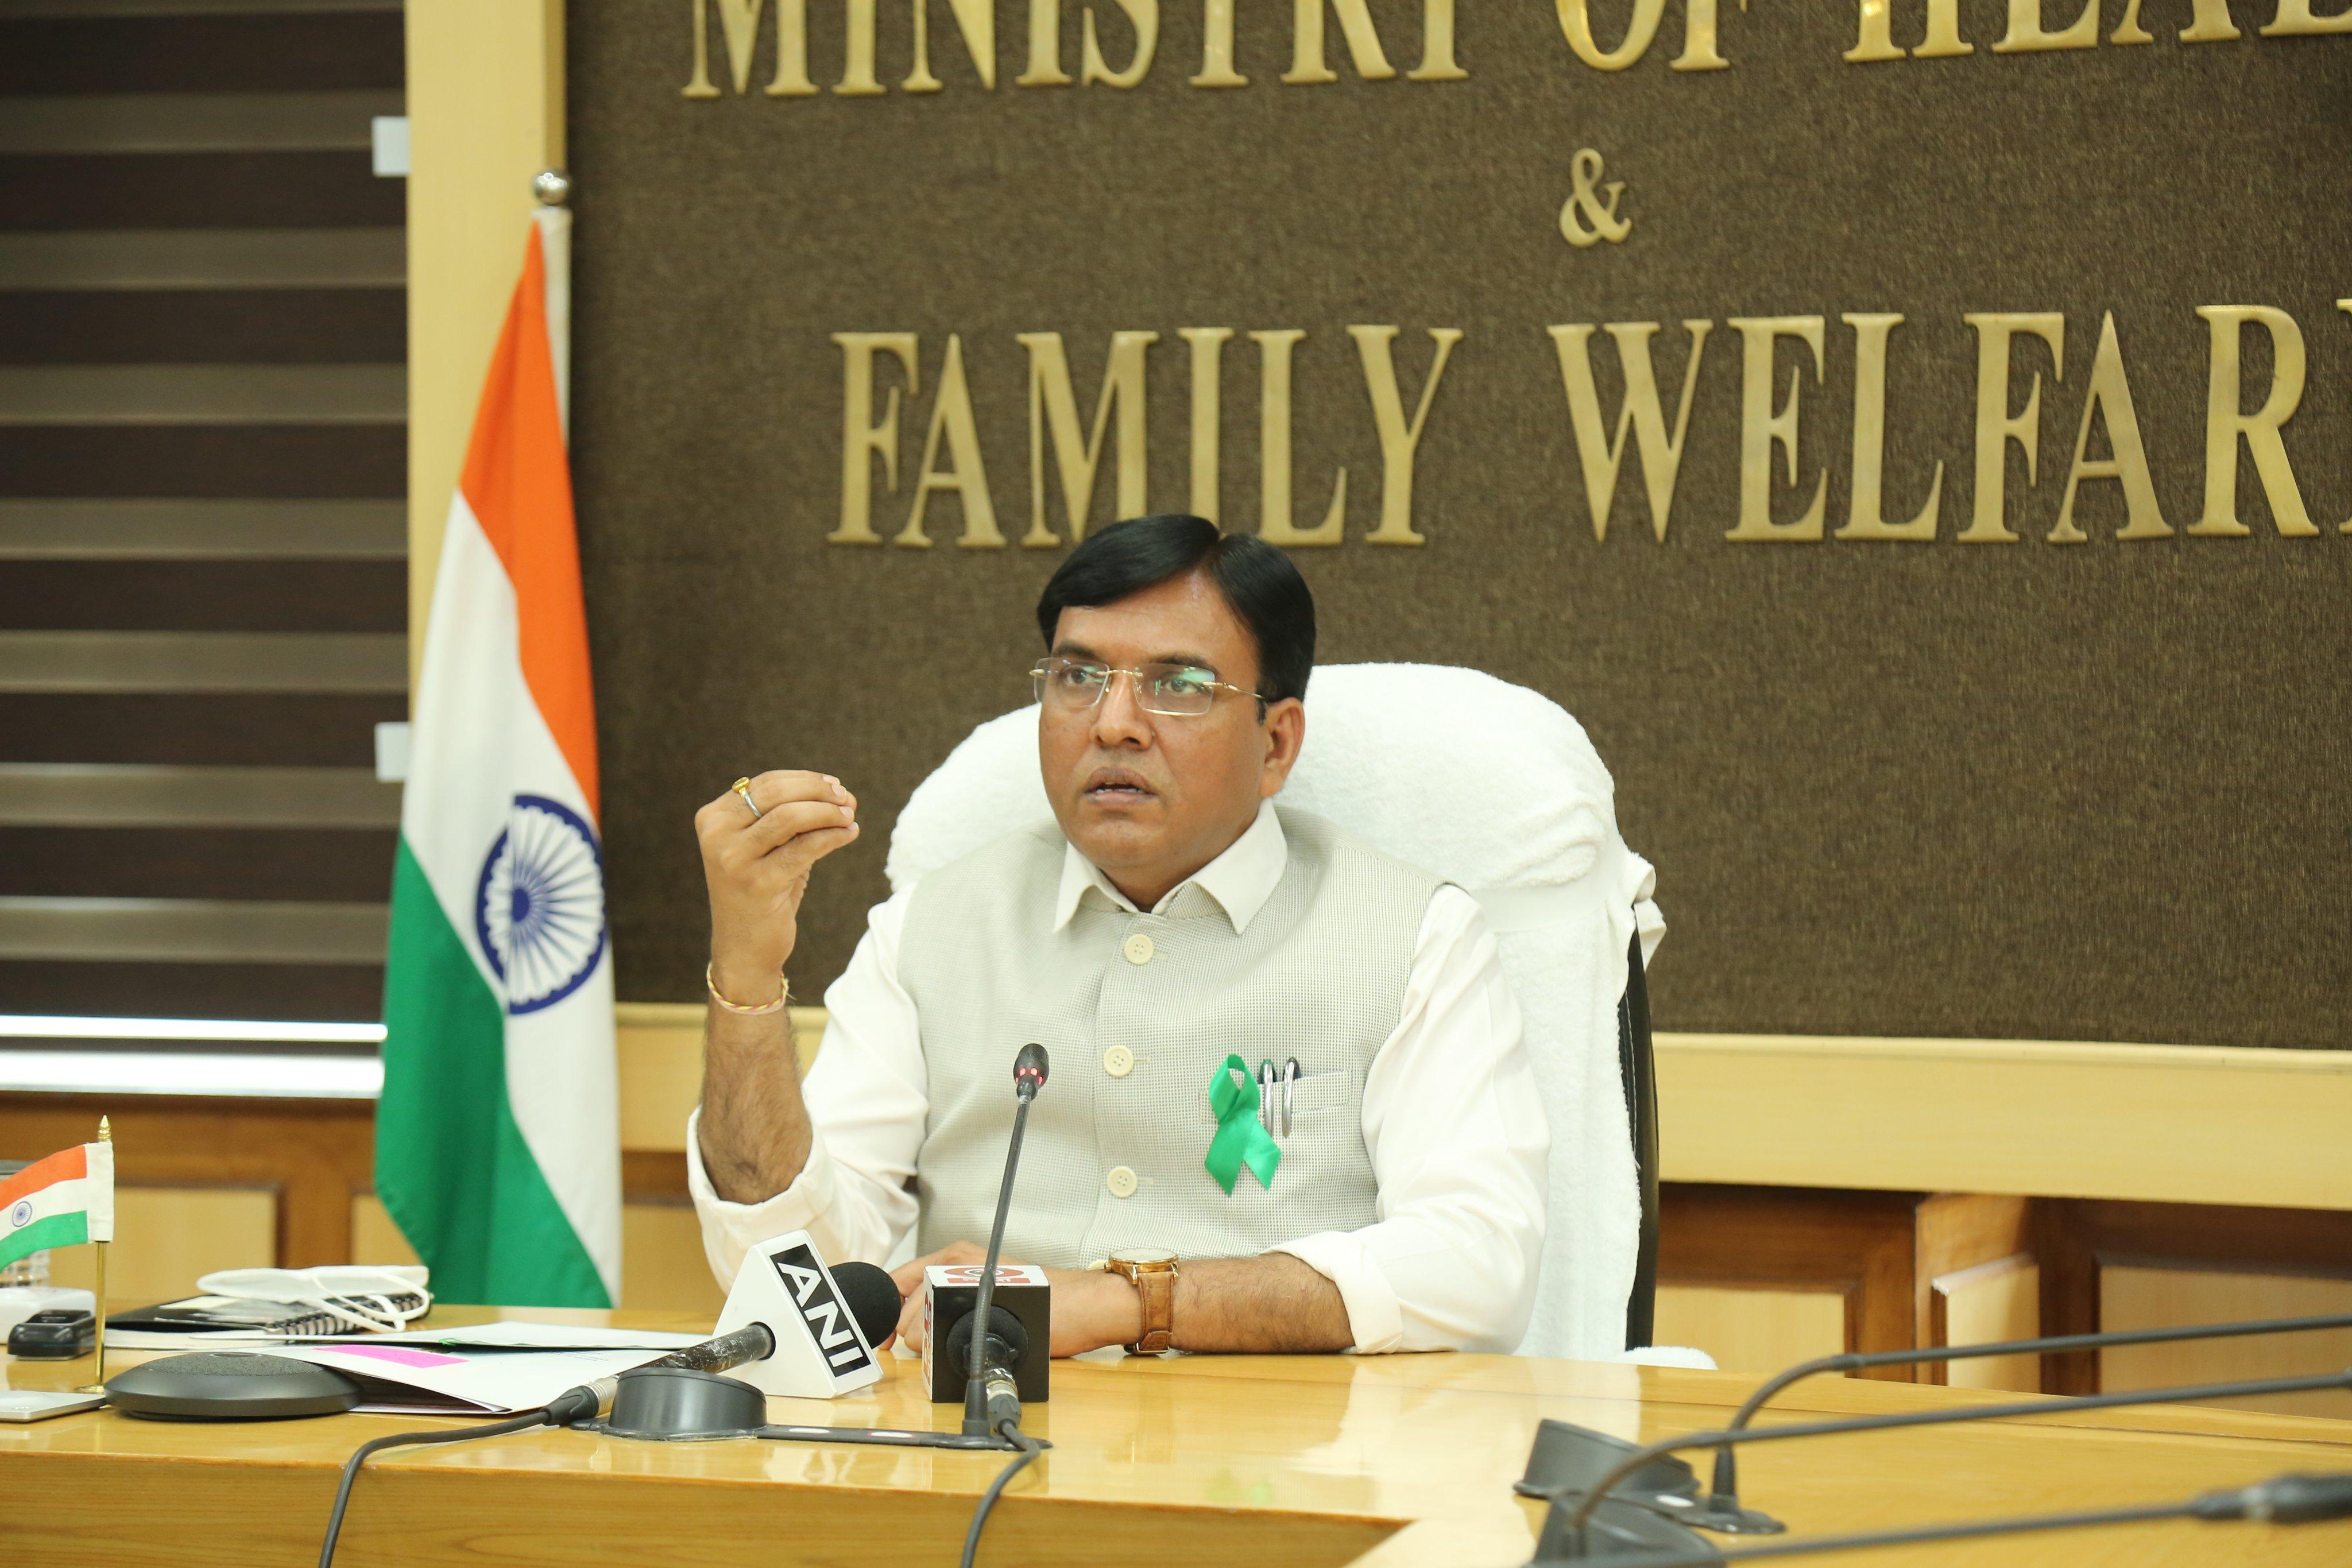 केन्द्रीय स्वास्थ्य मंत्री ने 19 राज्यों के प्रधान सचिवों और राष्ट्रीय स्वास्थ्य मिशन के निदेशकों के साथ कोविड स्थिति की समीक्षा की